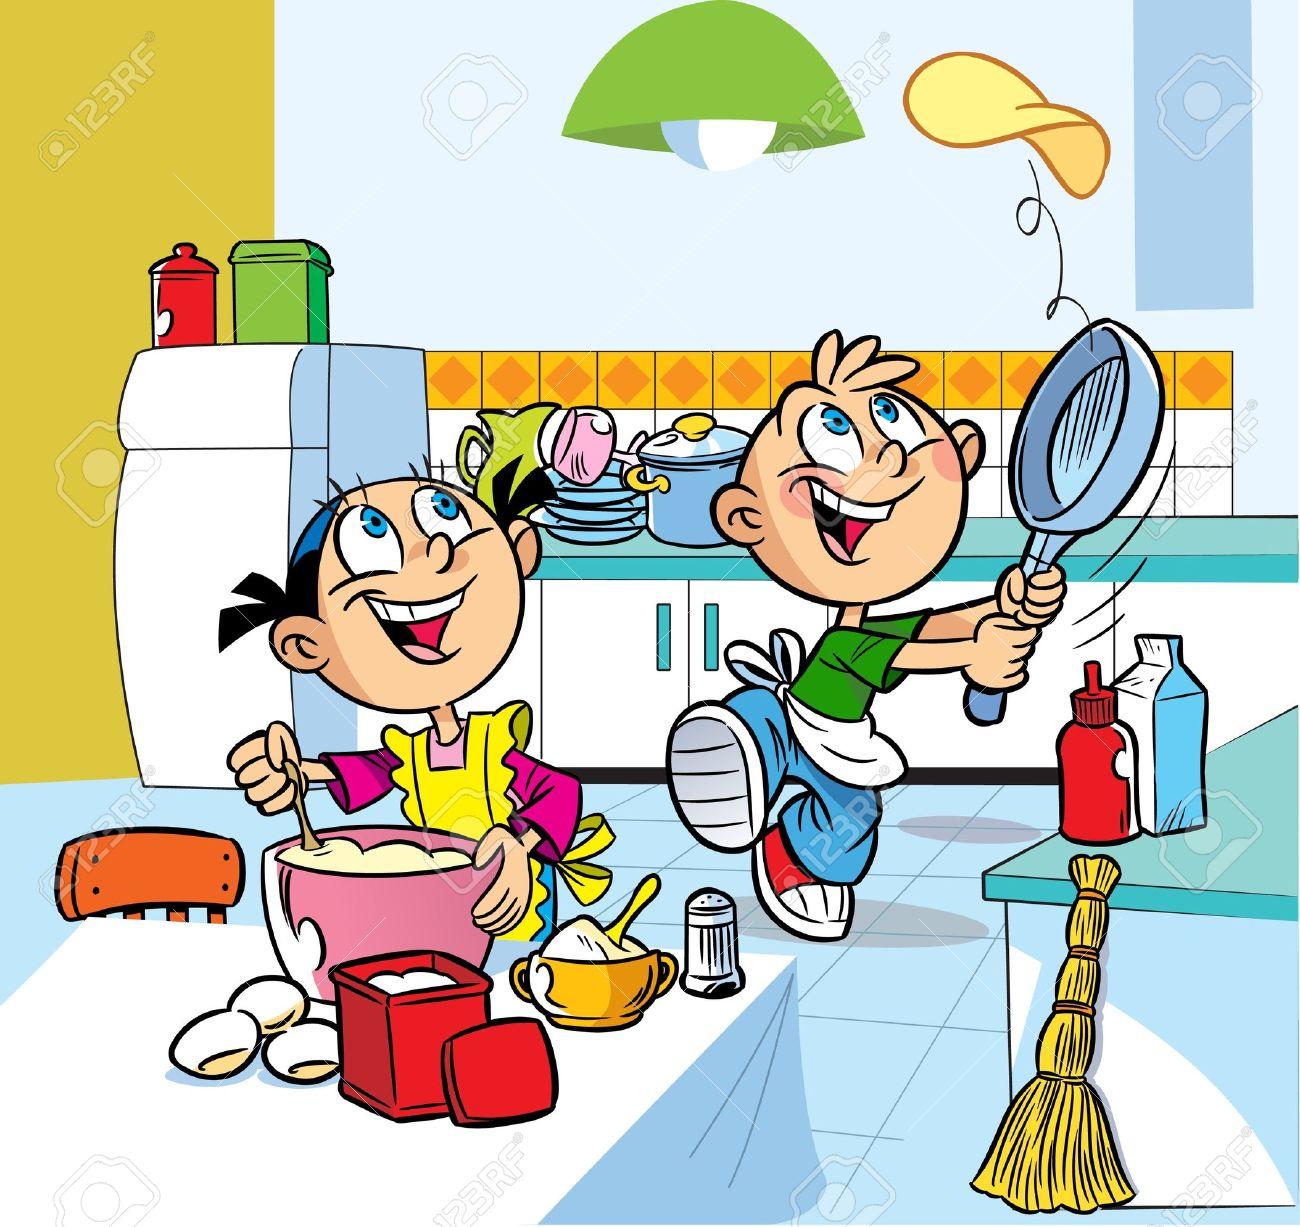 En El Niño De Dibujos Animados De La Cocina Y La Niña Son Panqueques